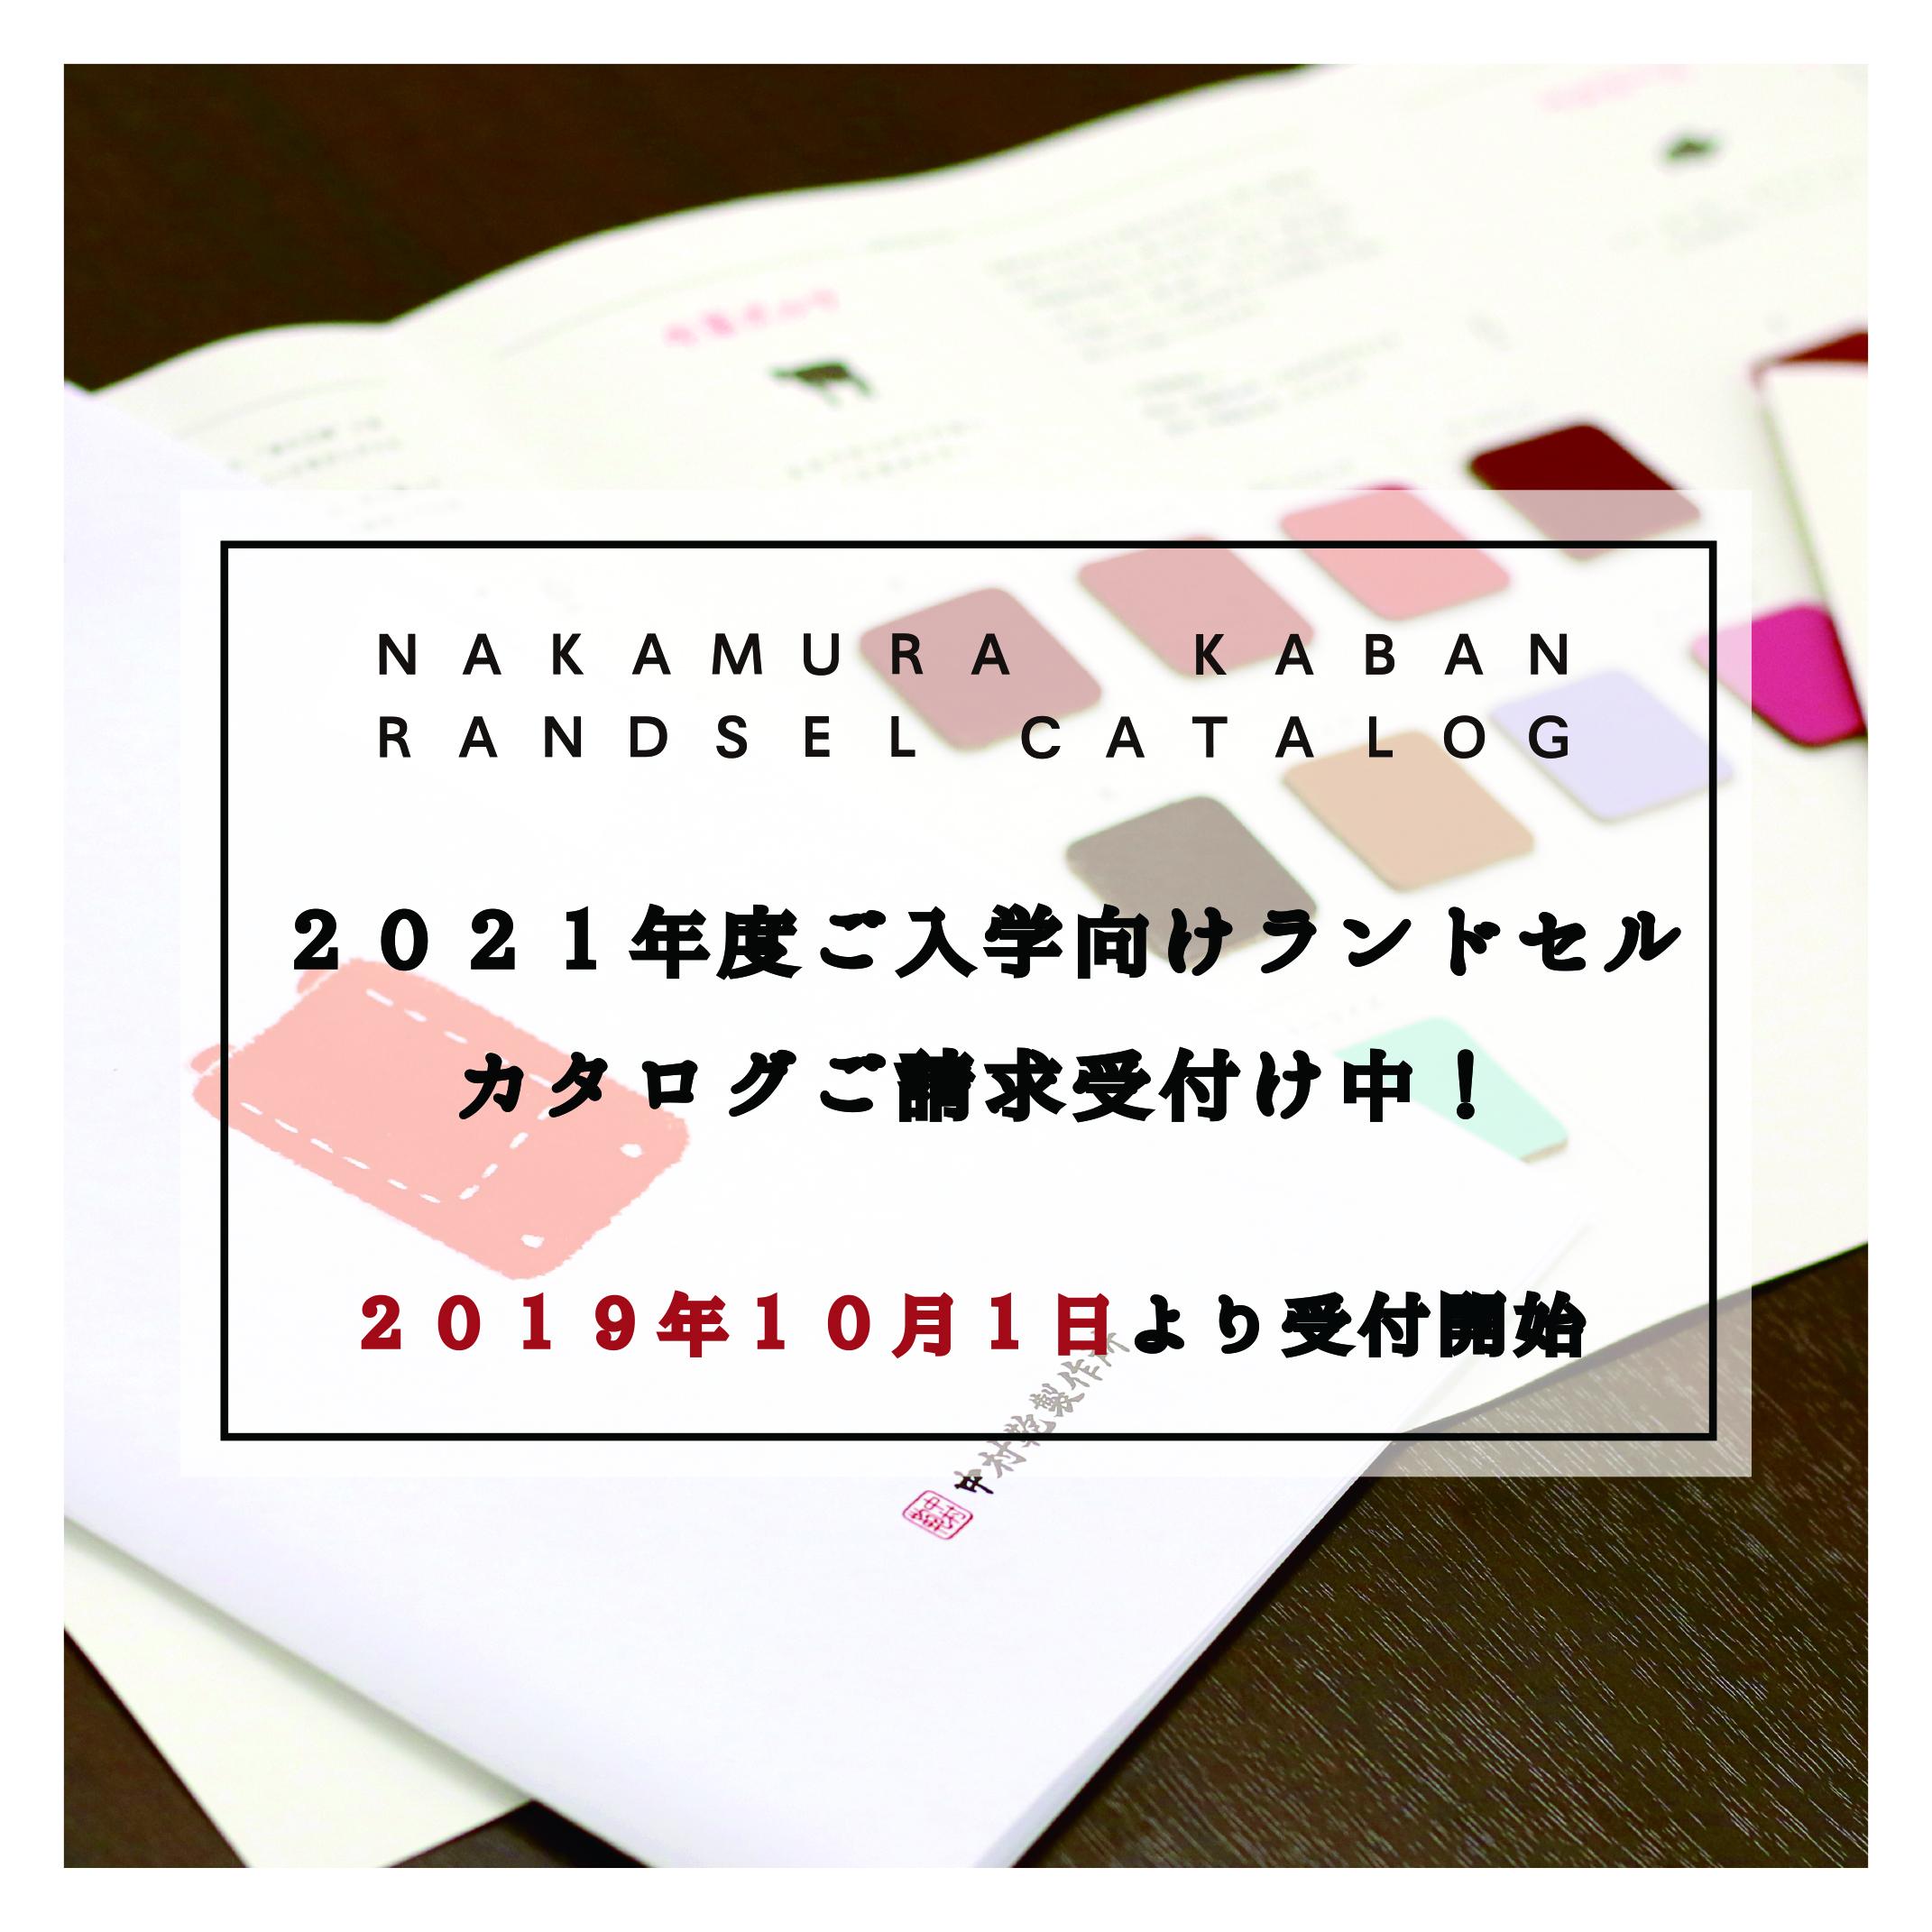 2021年度ご入学向けランドセルカタログご請求受付中!